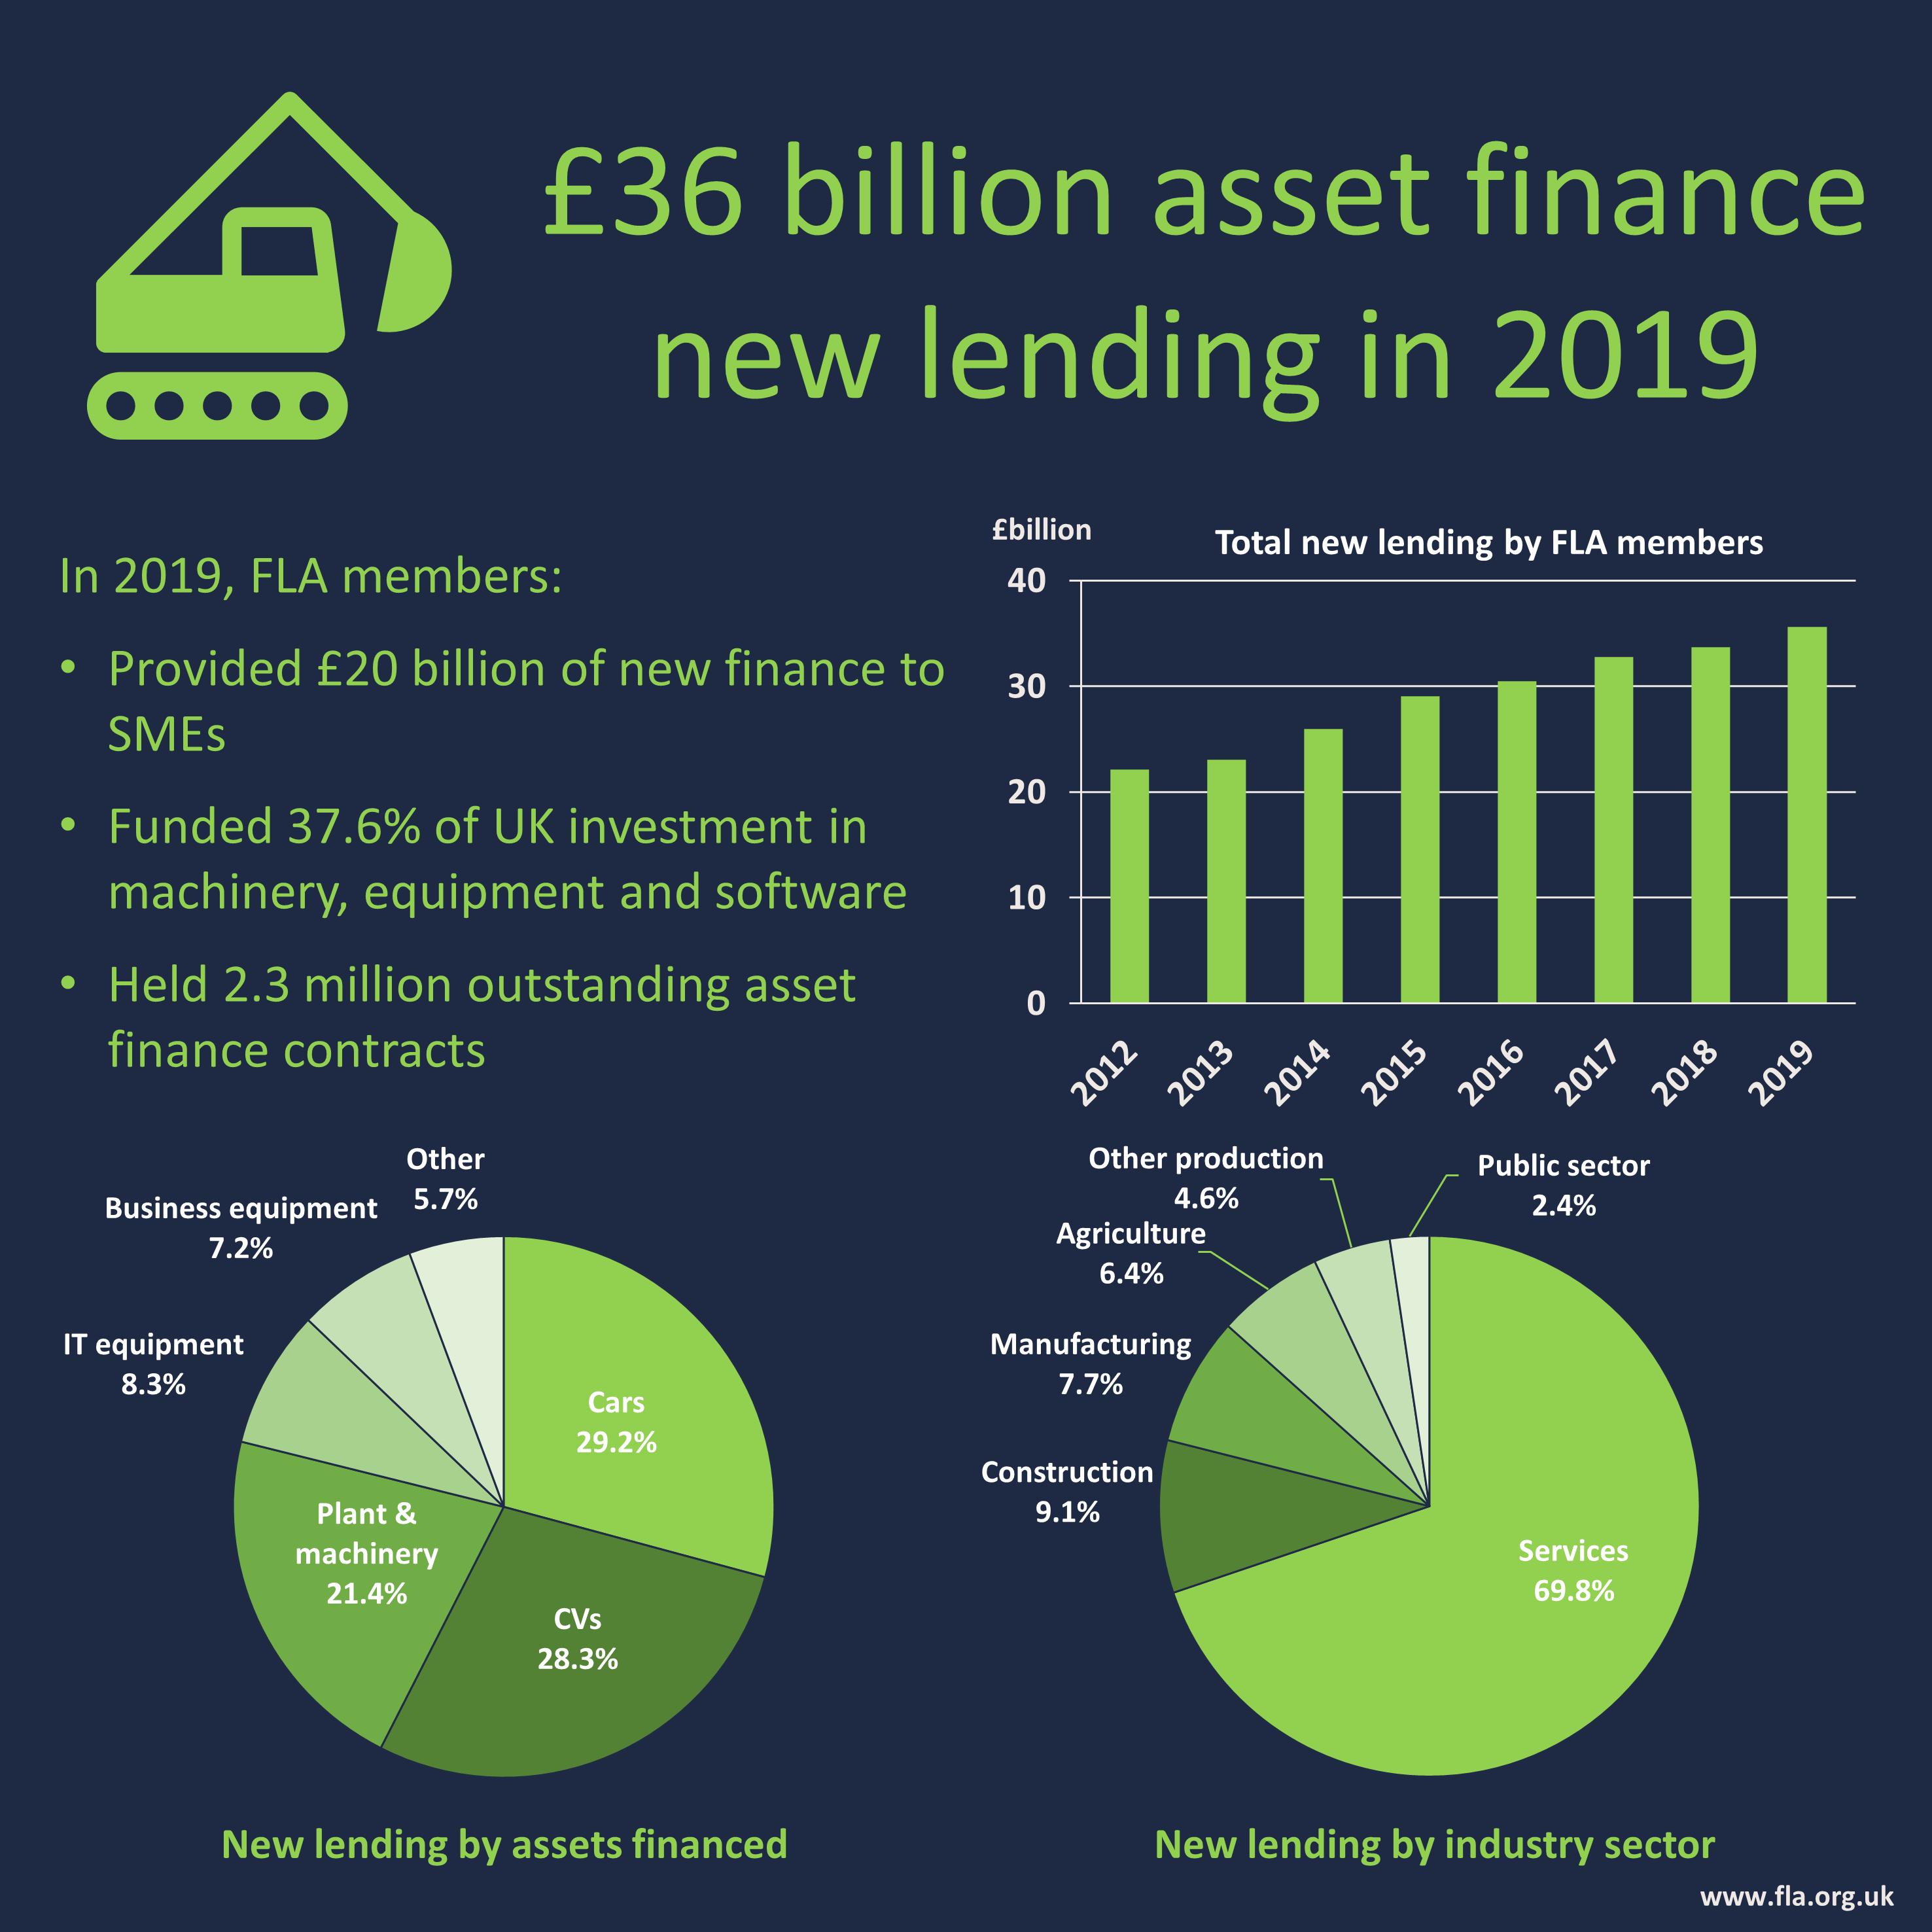 Asset finance 2019